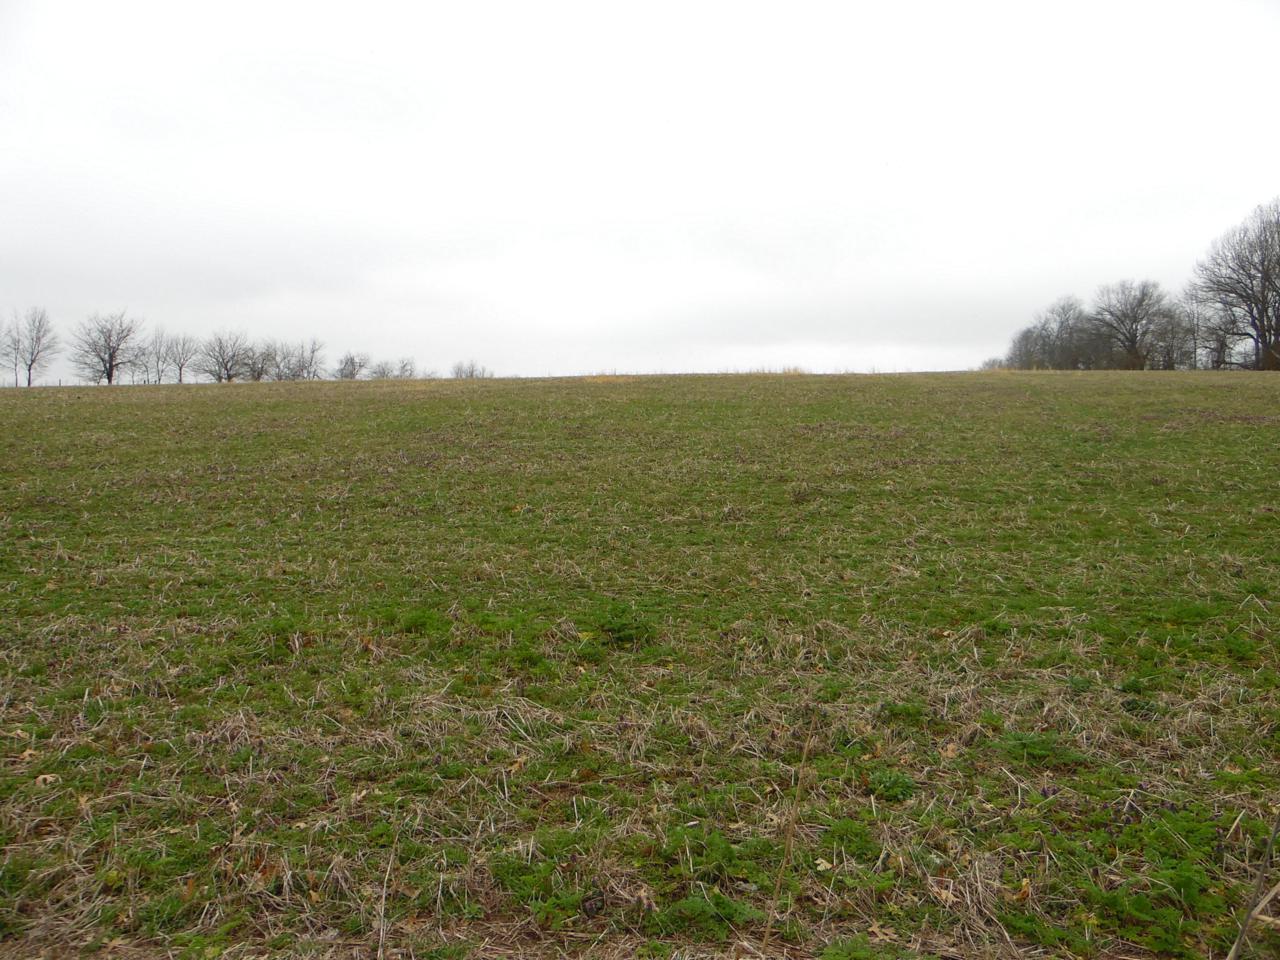 Tbd-Tr12 Farm Rd. 115 - Photo 1